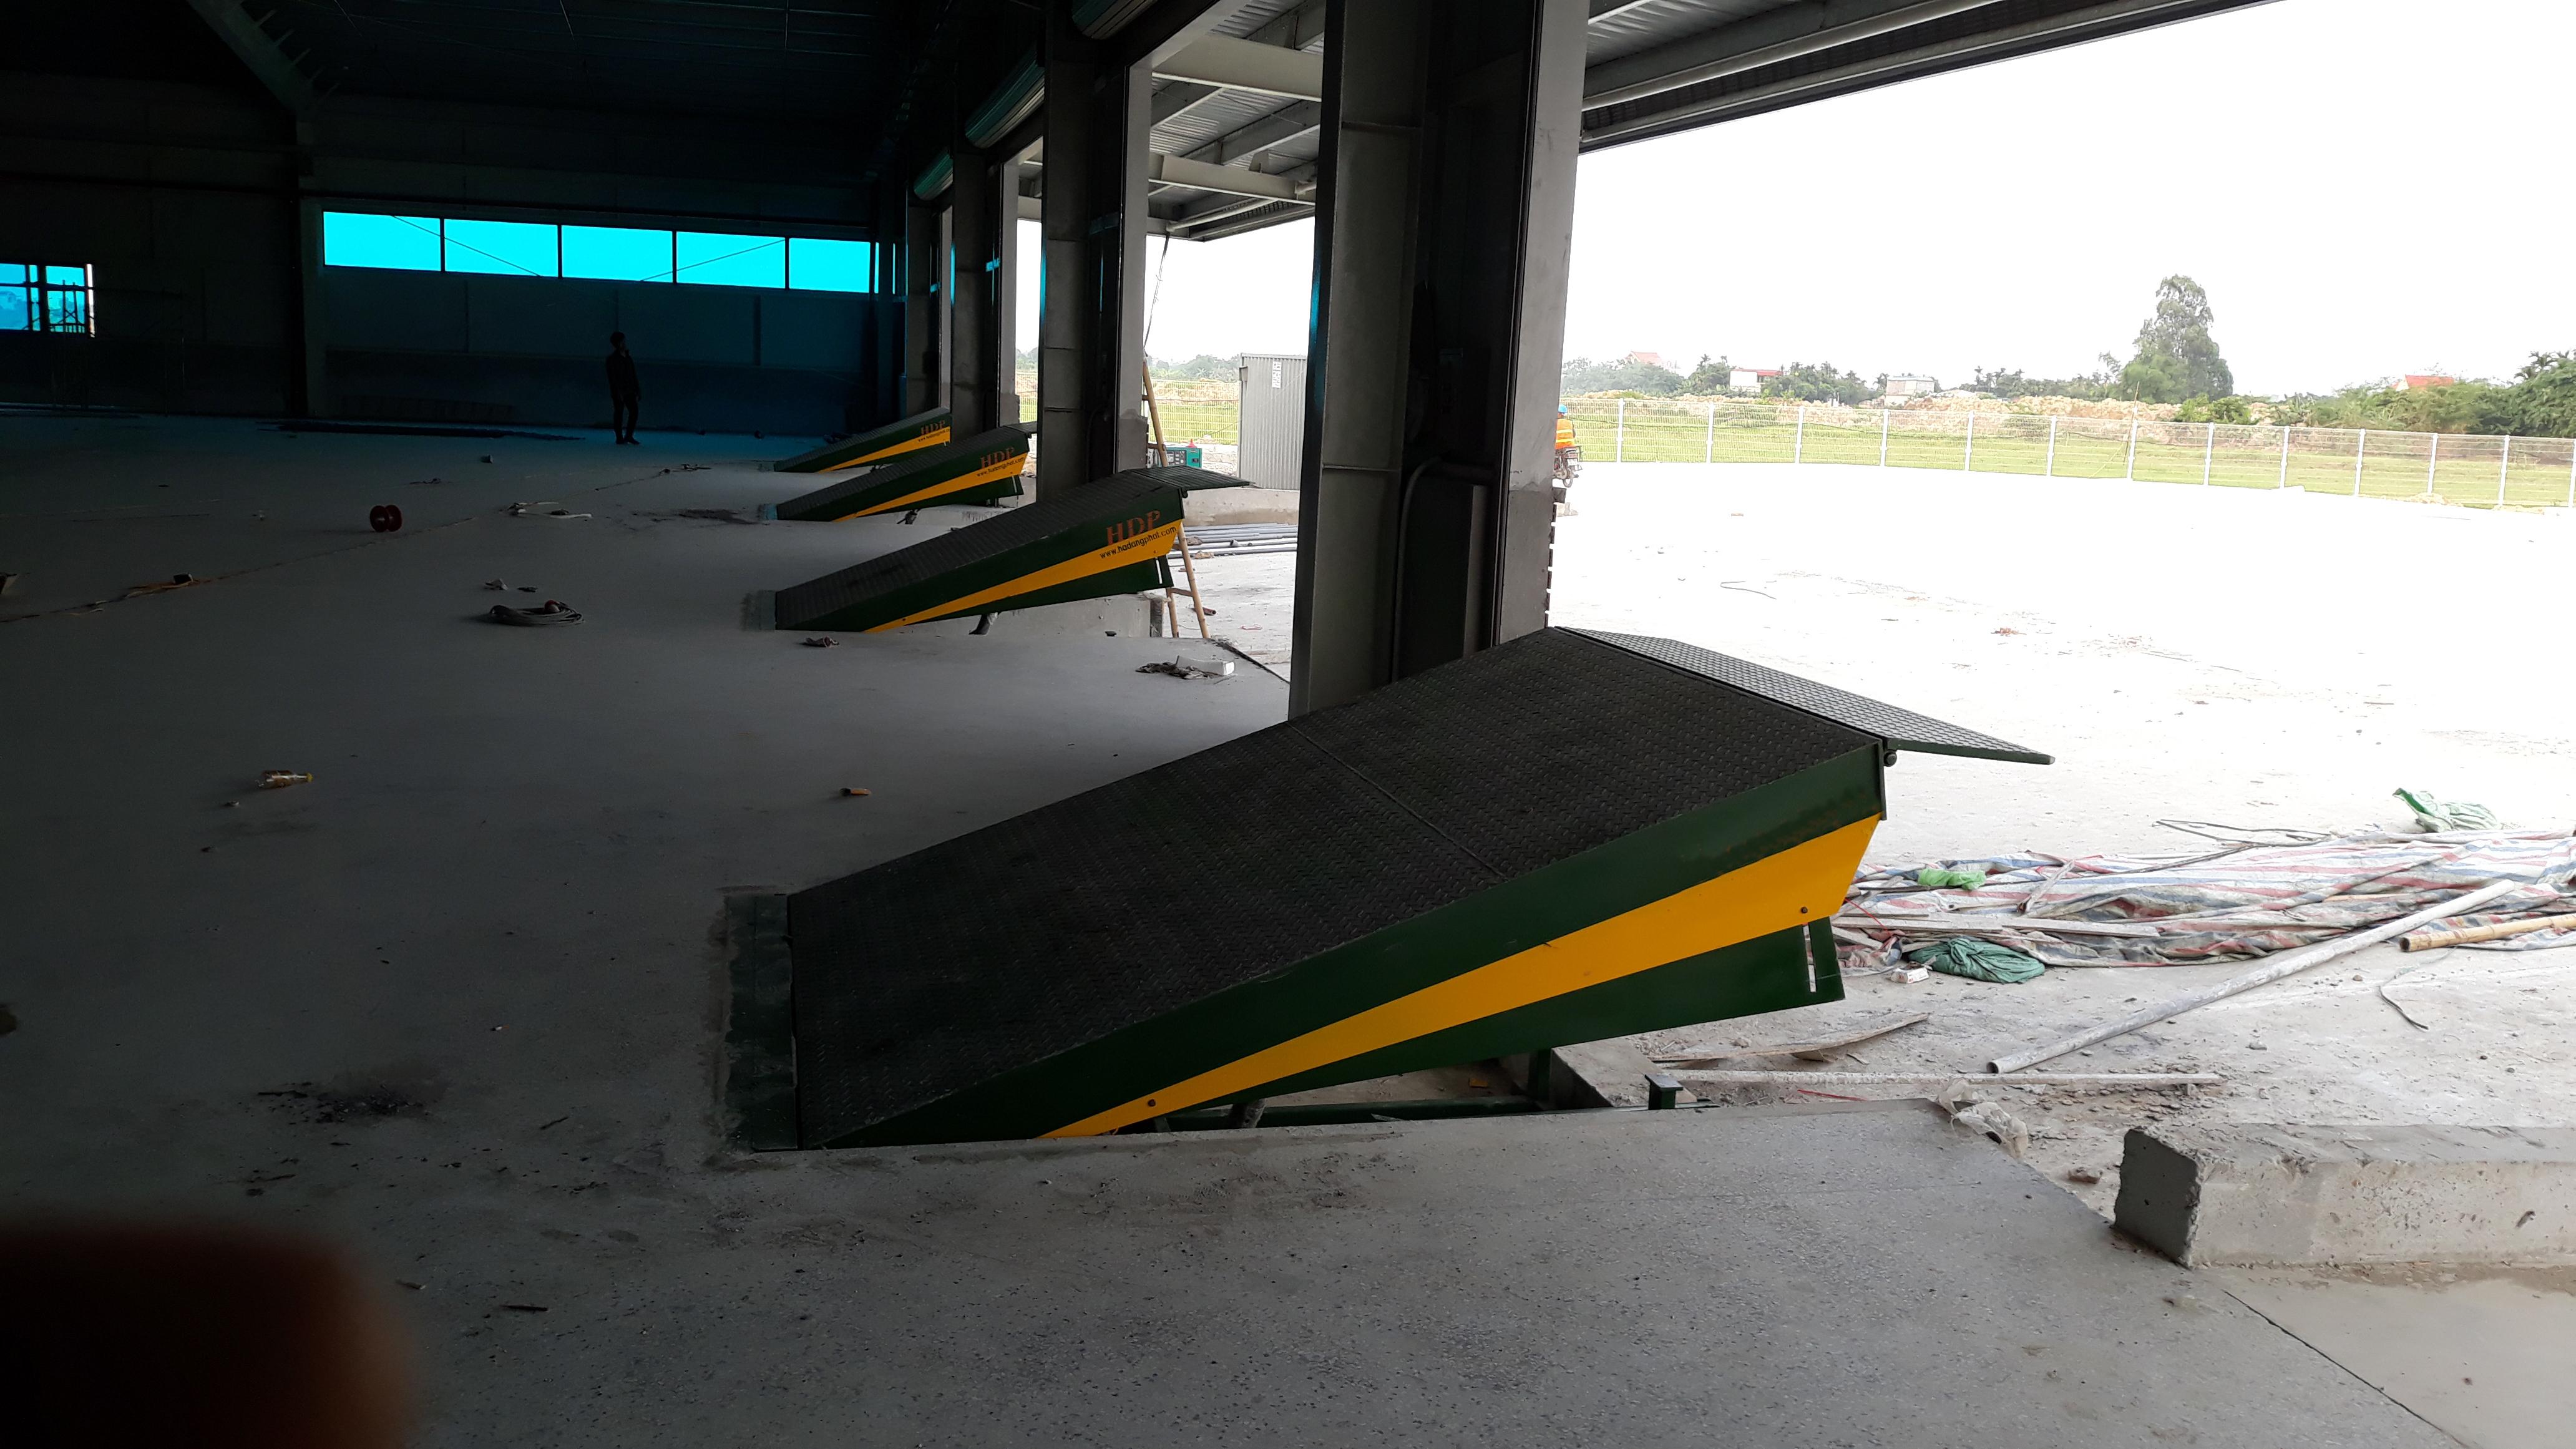 Sàn nâng thủy lực là gì? Có bao nhiêu loại sàn nâng thủy lực?